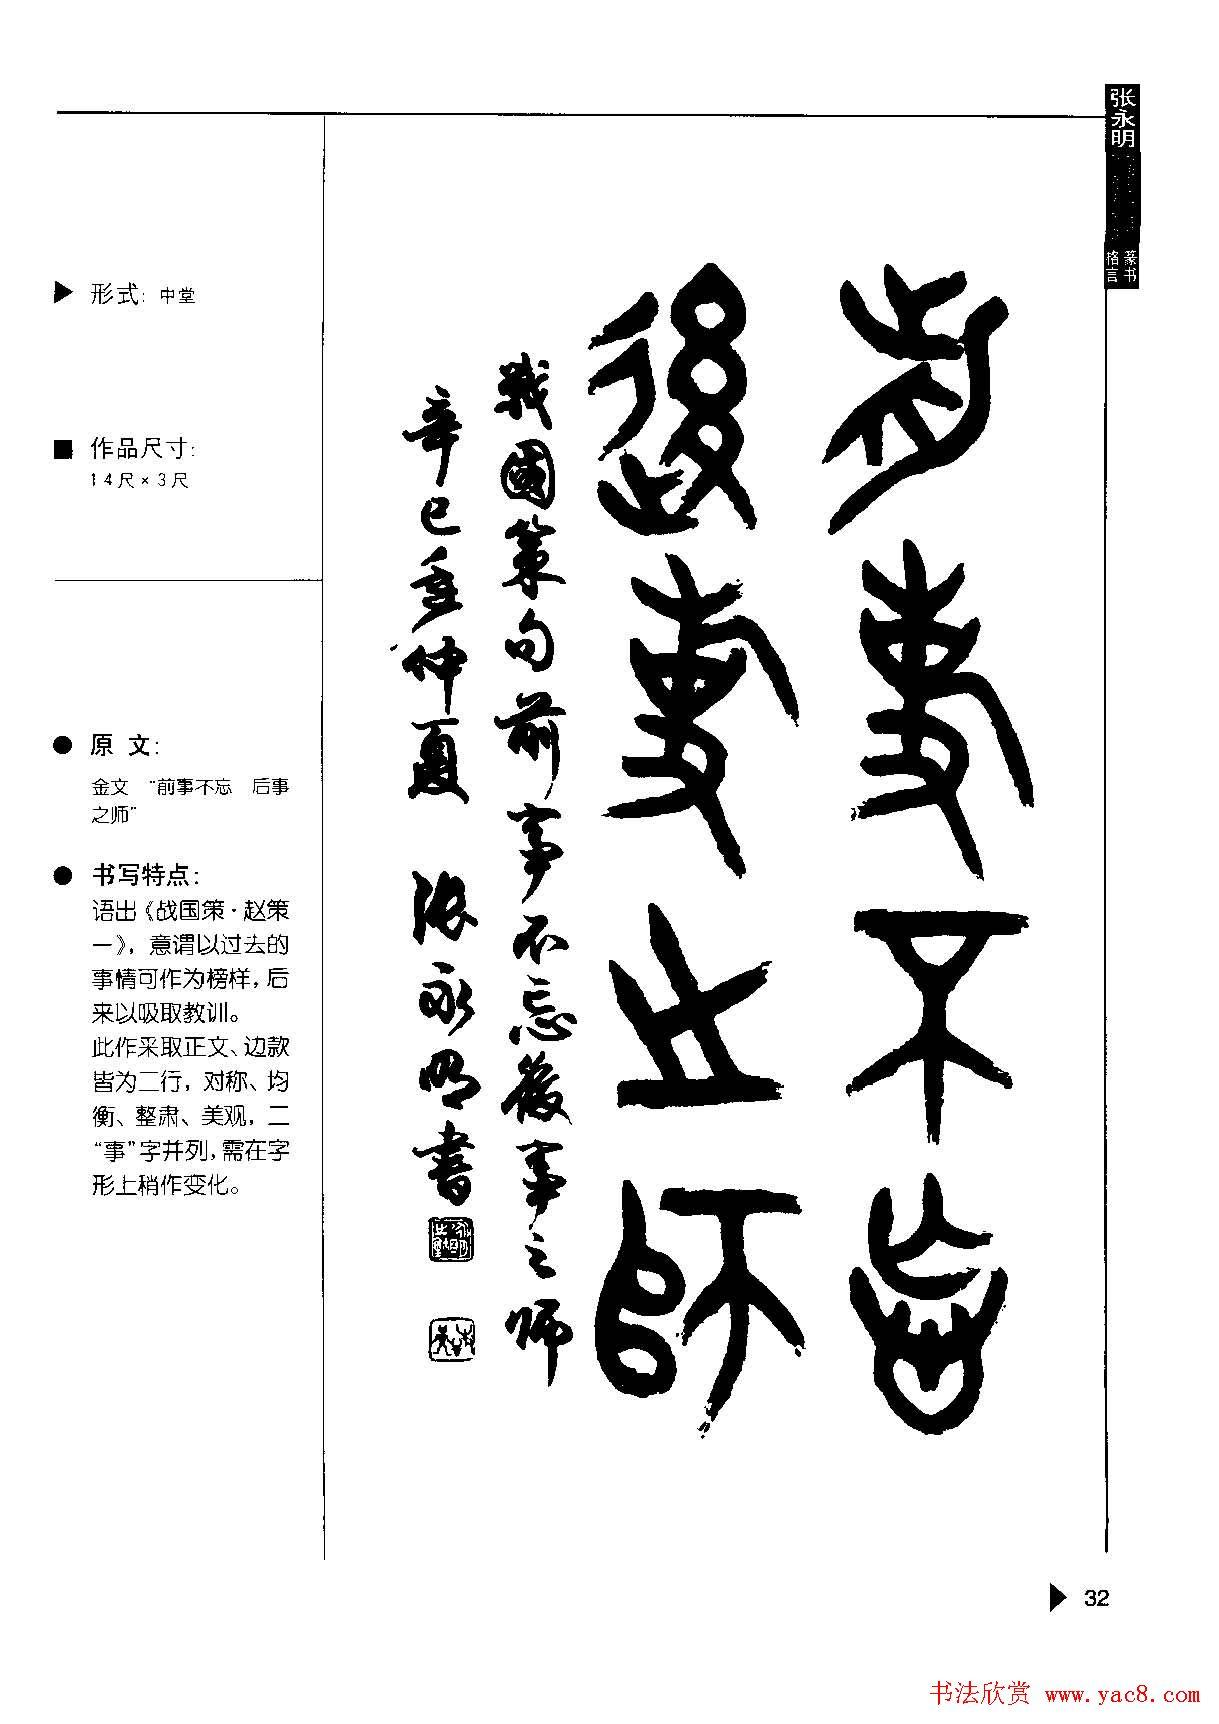 张永明书法_张永明书法字帖《篆书格言50例》 - 第34页 _篆书字帖_书法欣赏